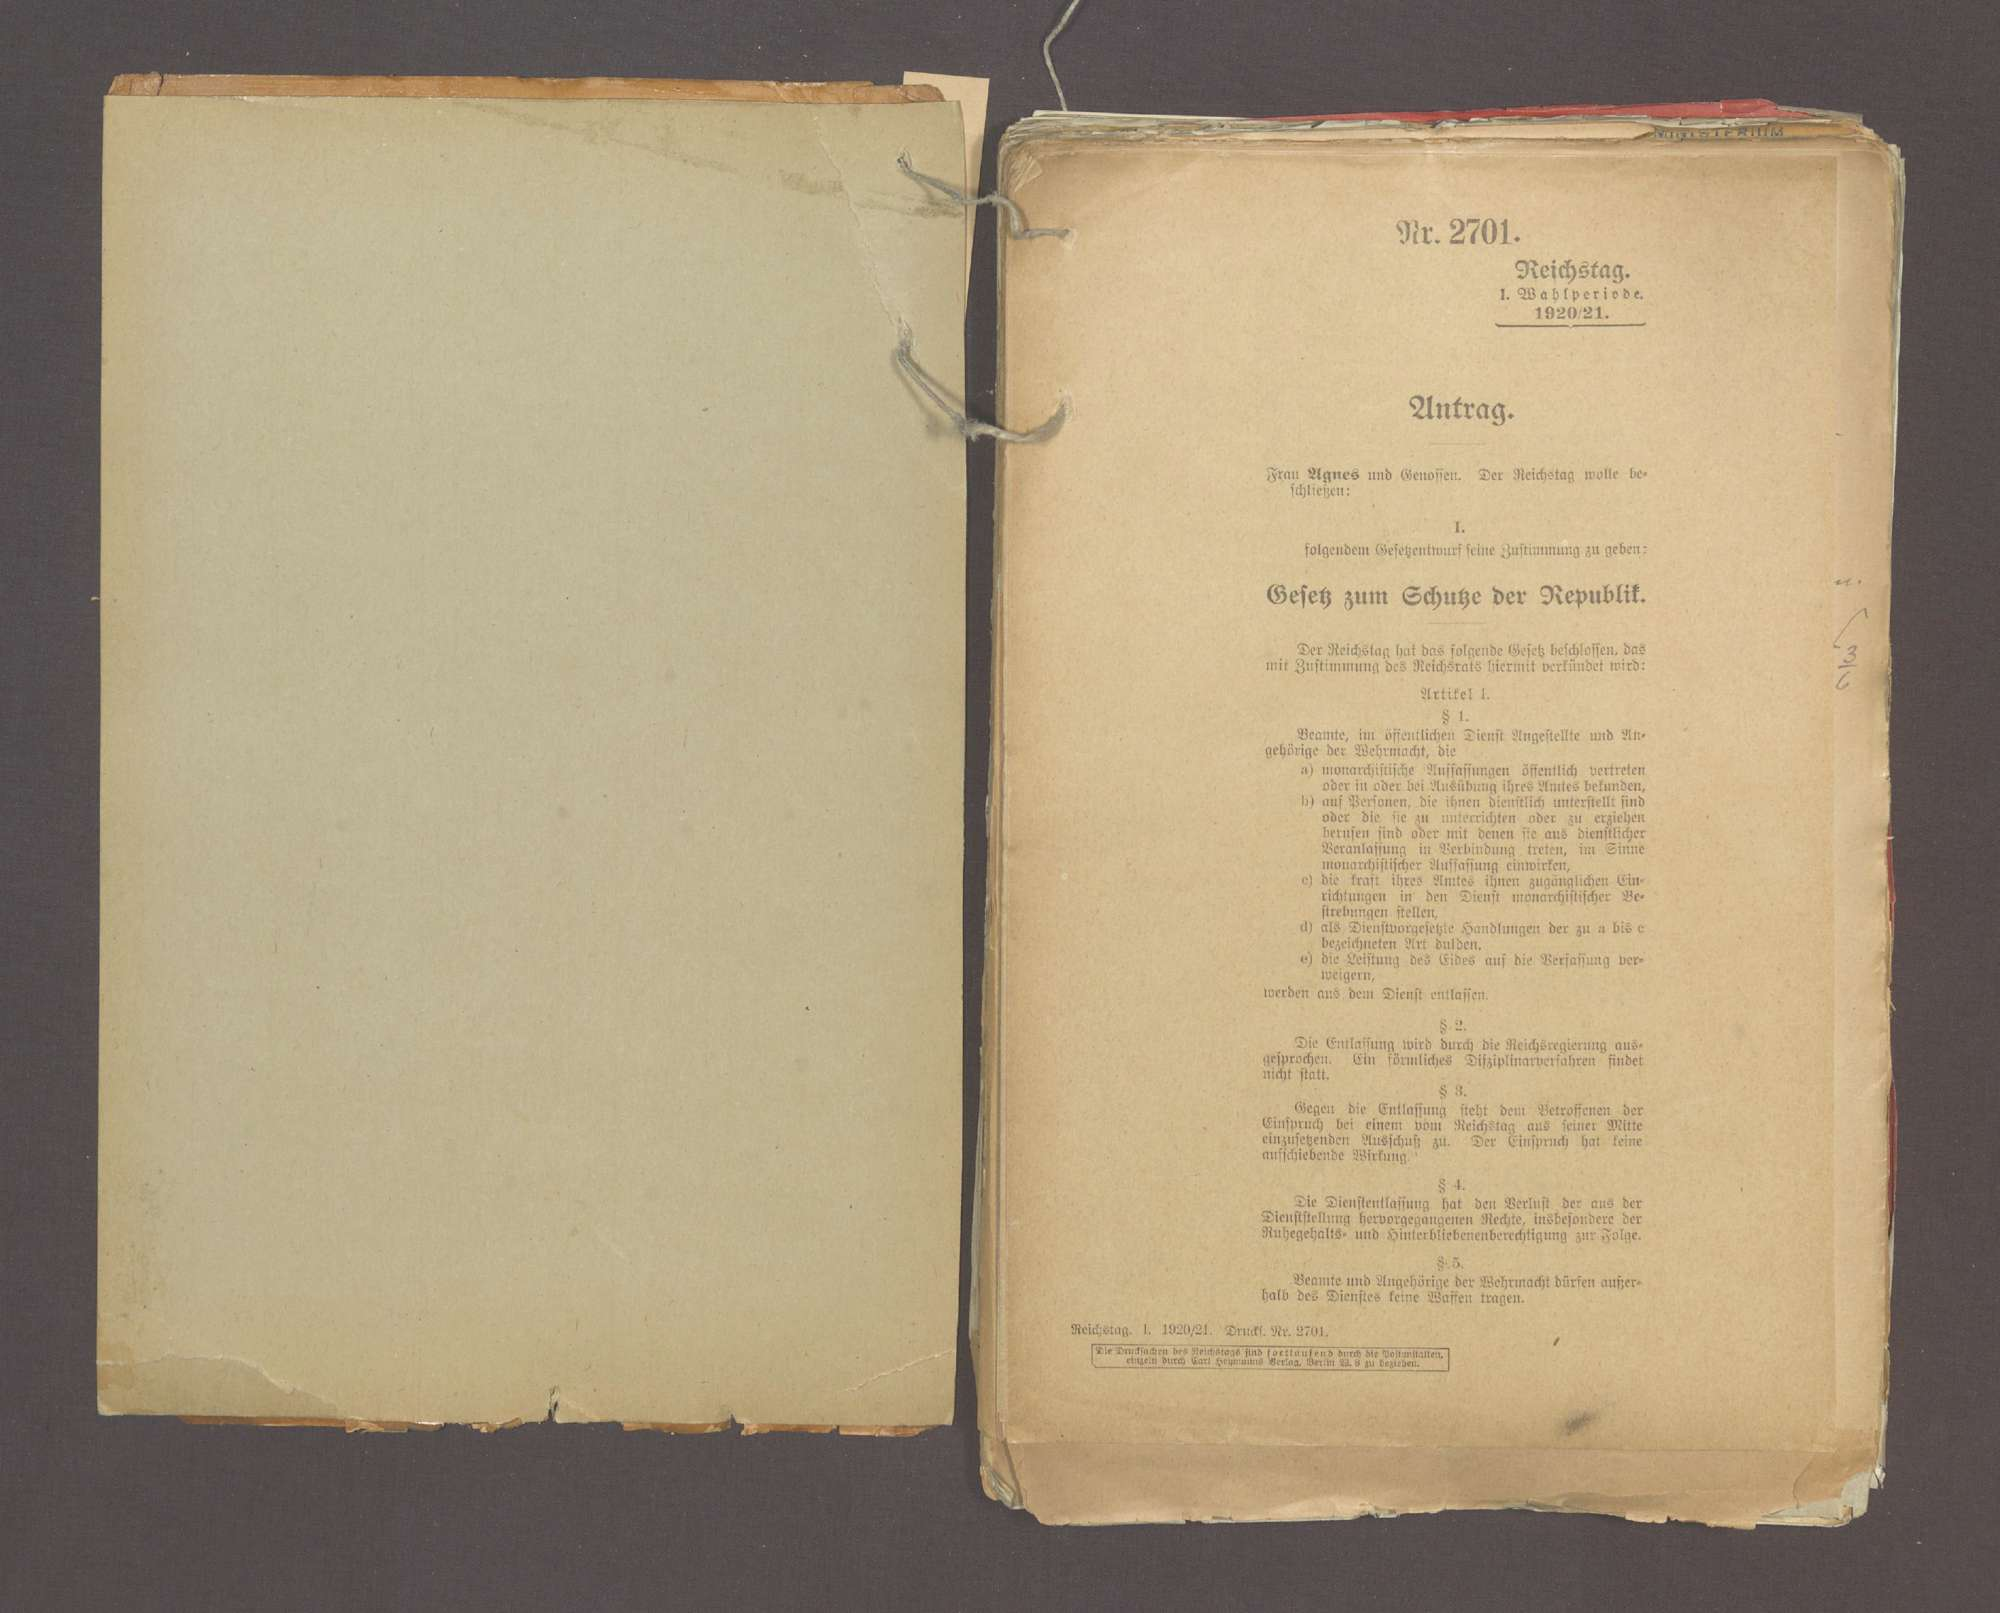 Der Schutz der Republik (I), Bild 2